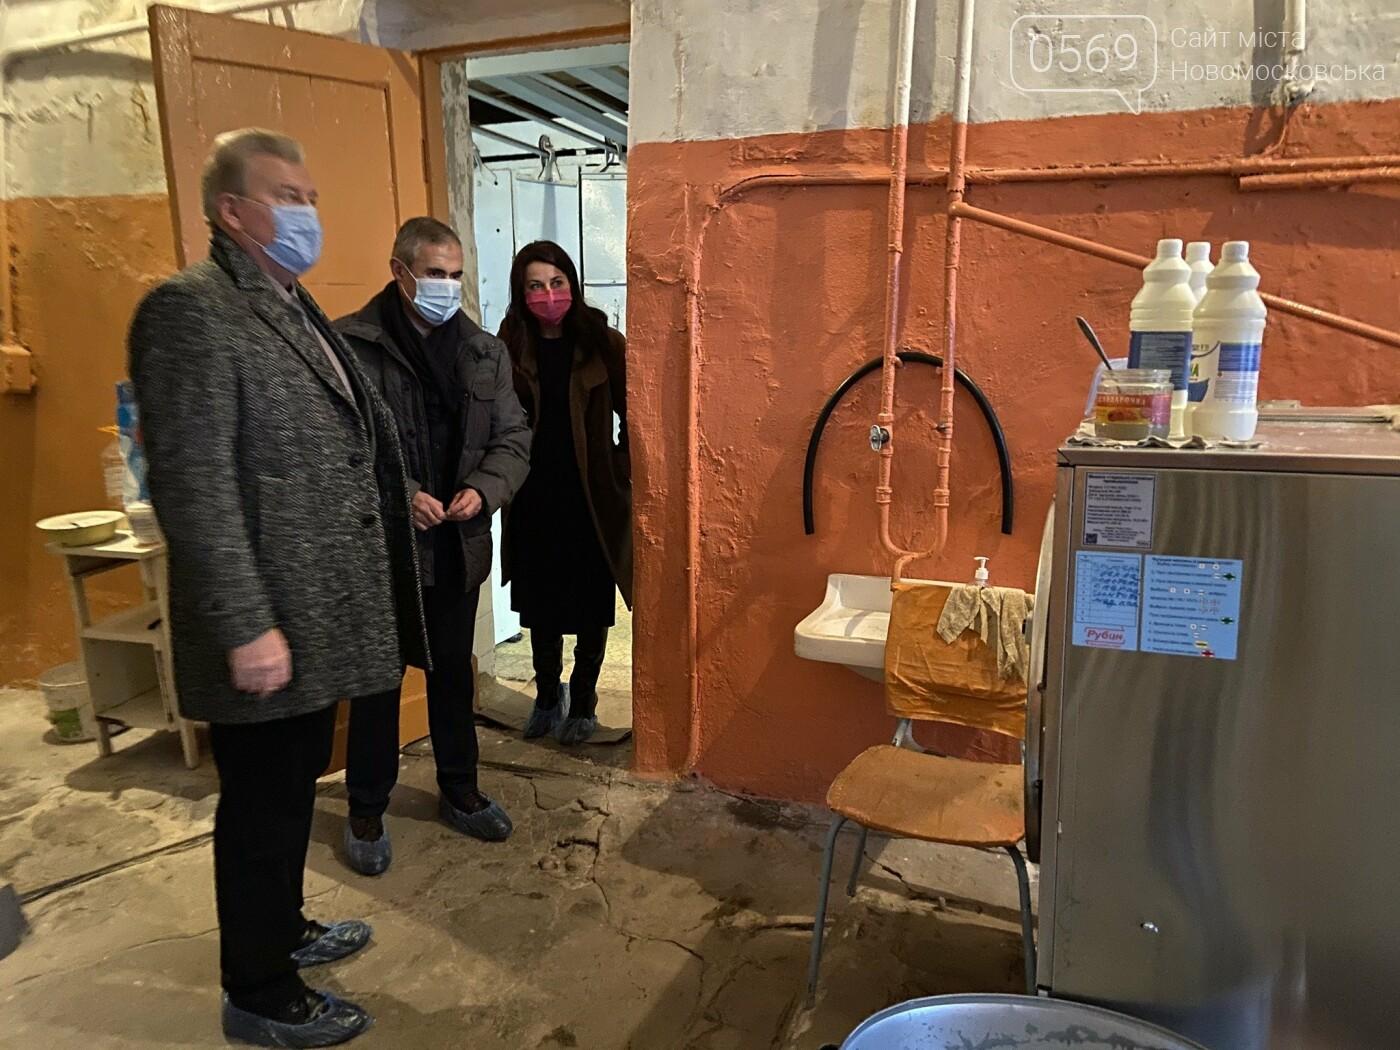 Міський голова Новомосковська з робочим візитом відвідав центральну лікарню, фото-3